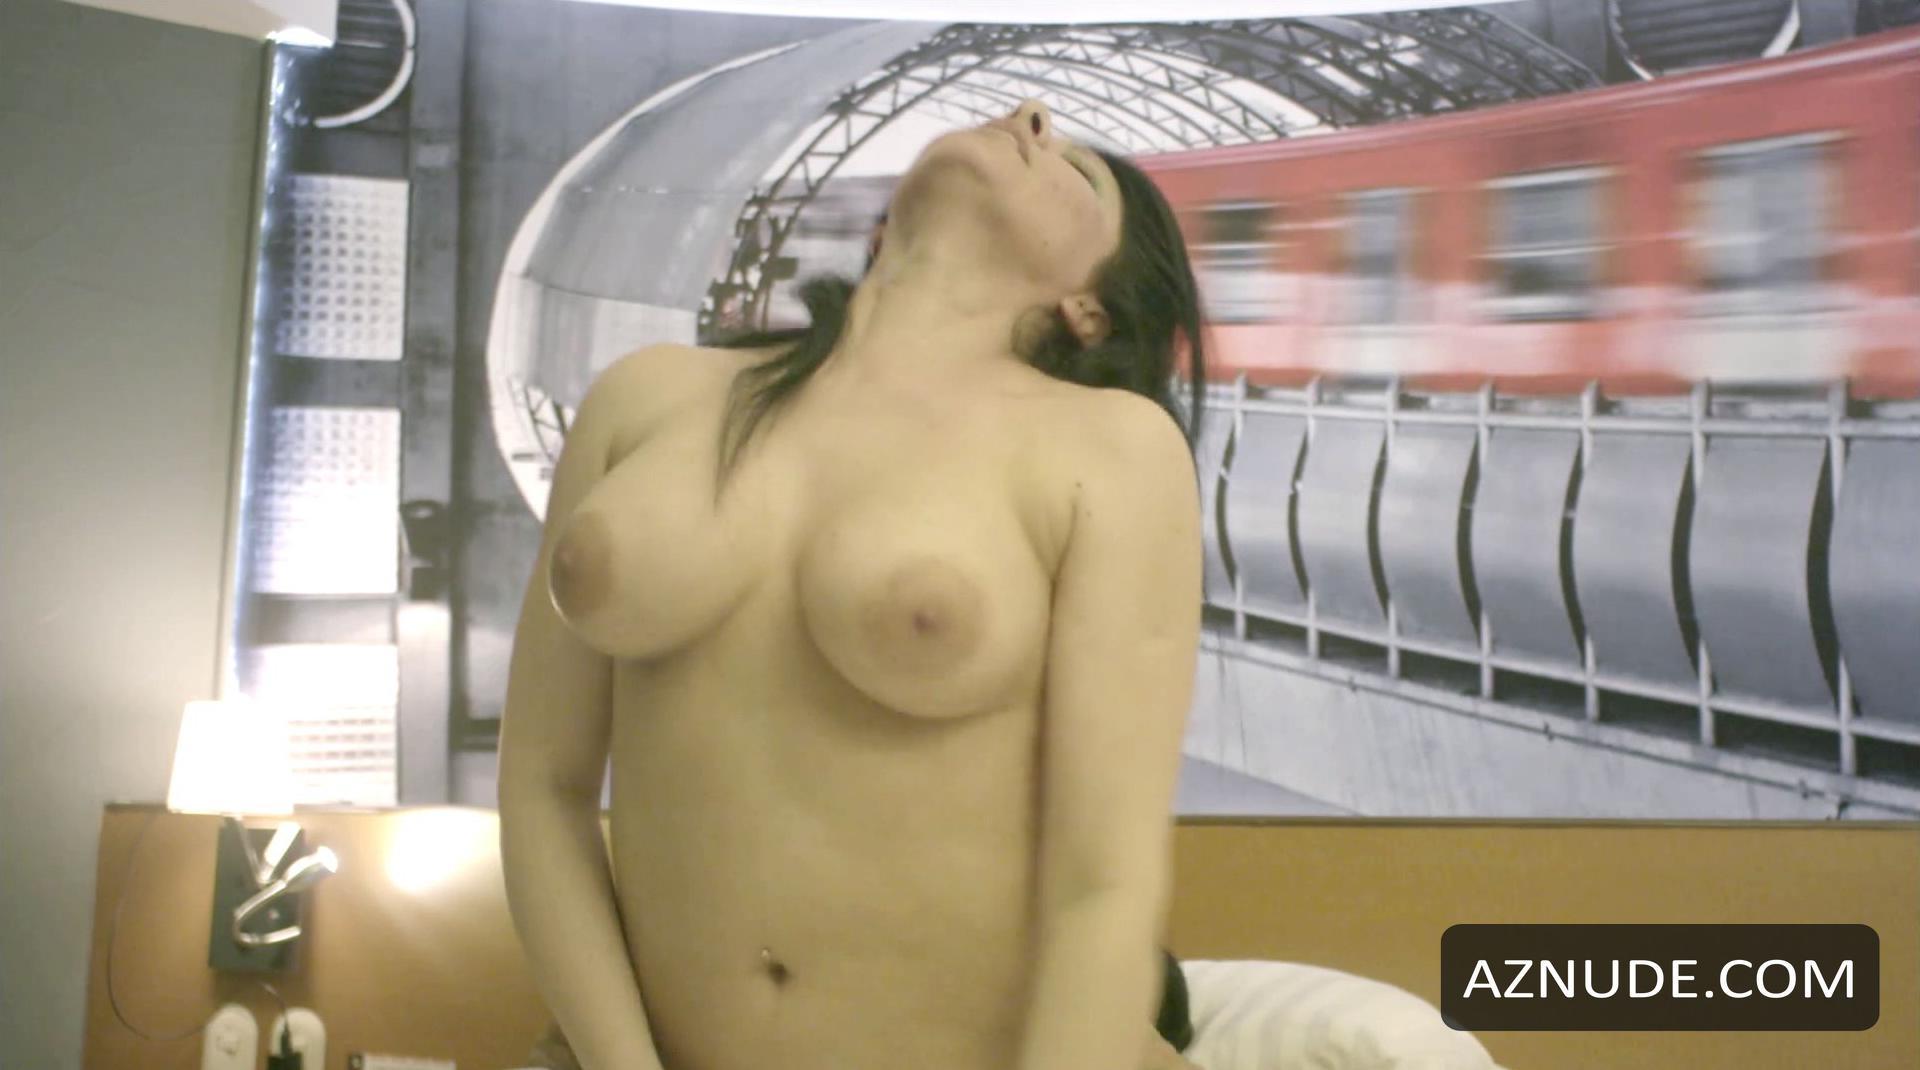 Analia Desnuda analia moreyra nude - aznude